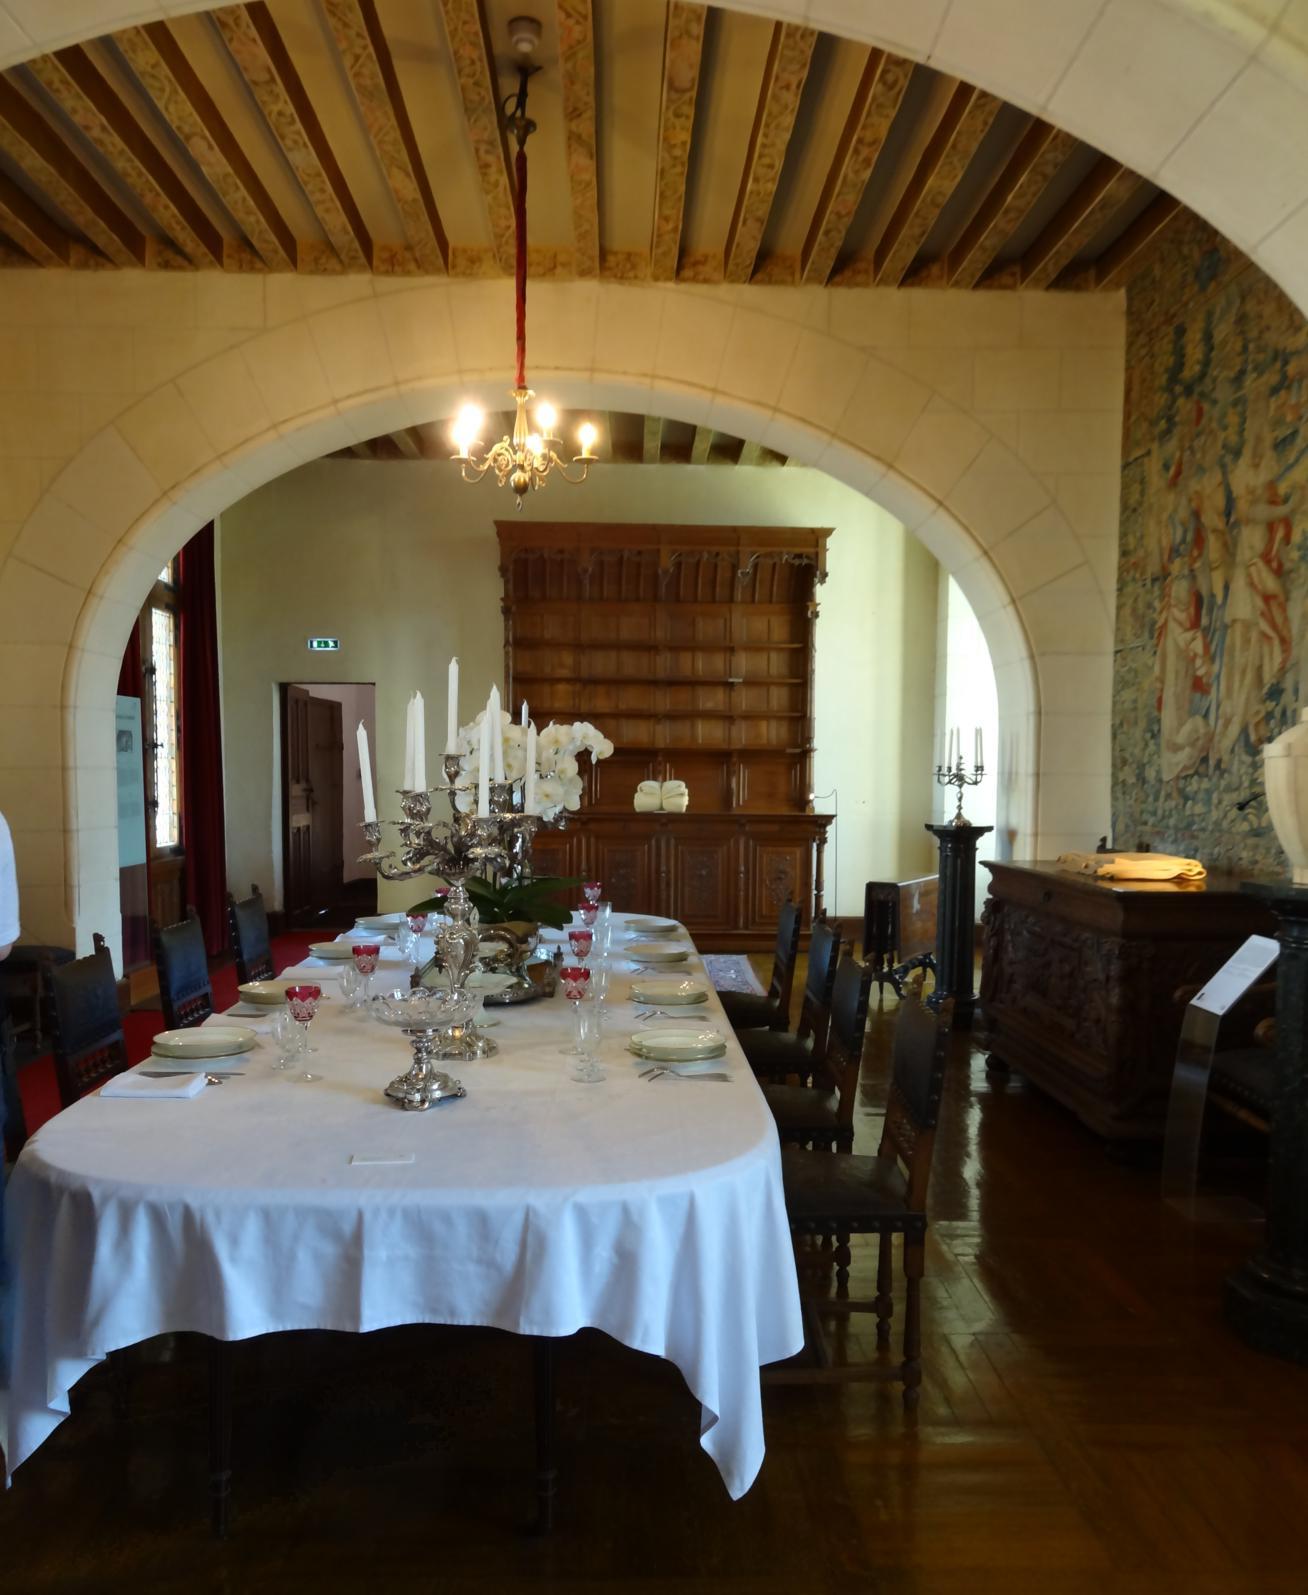 19 Chaumont sur Loire Chateau Salle manger 2 Zoom